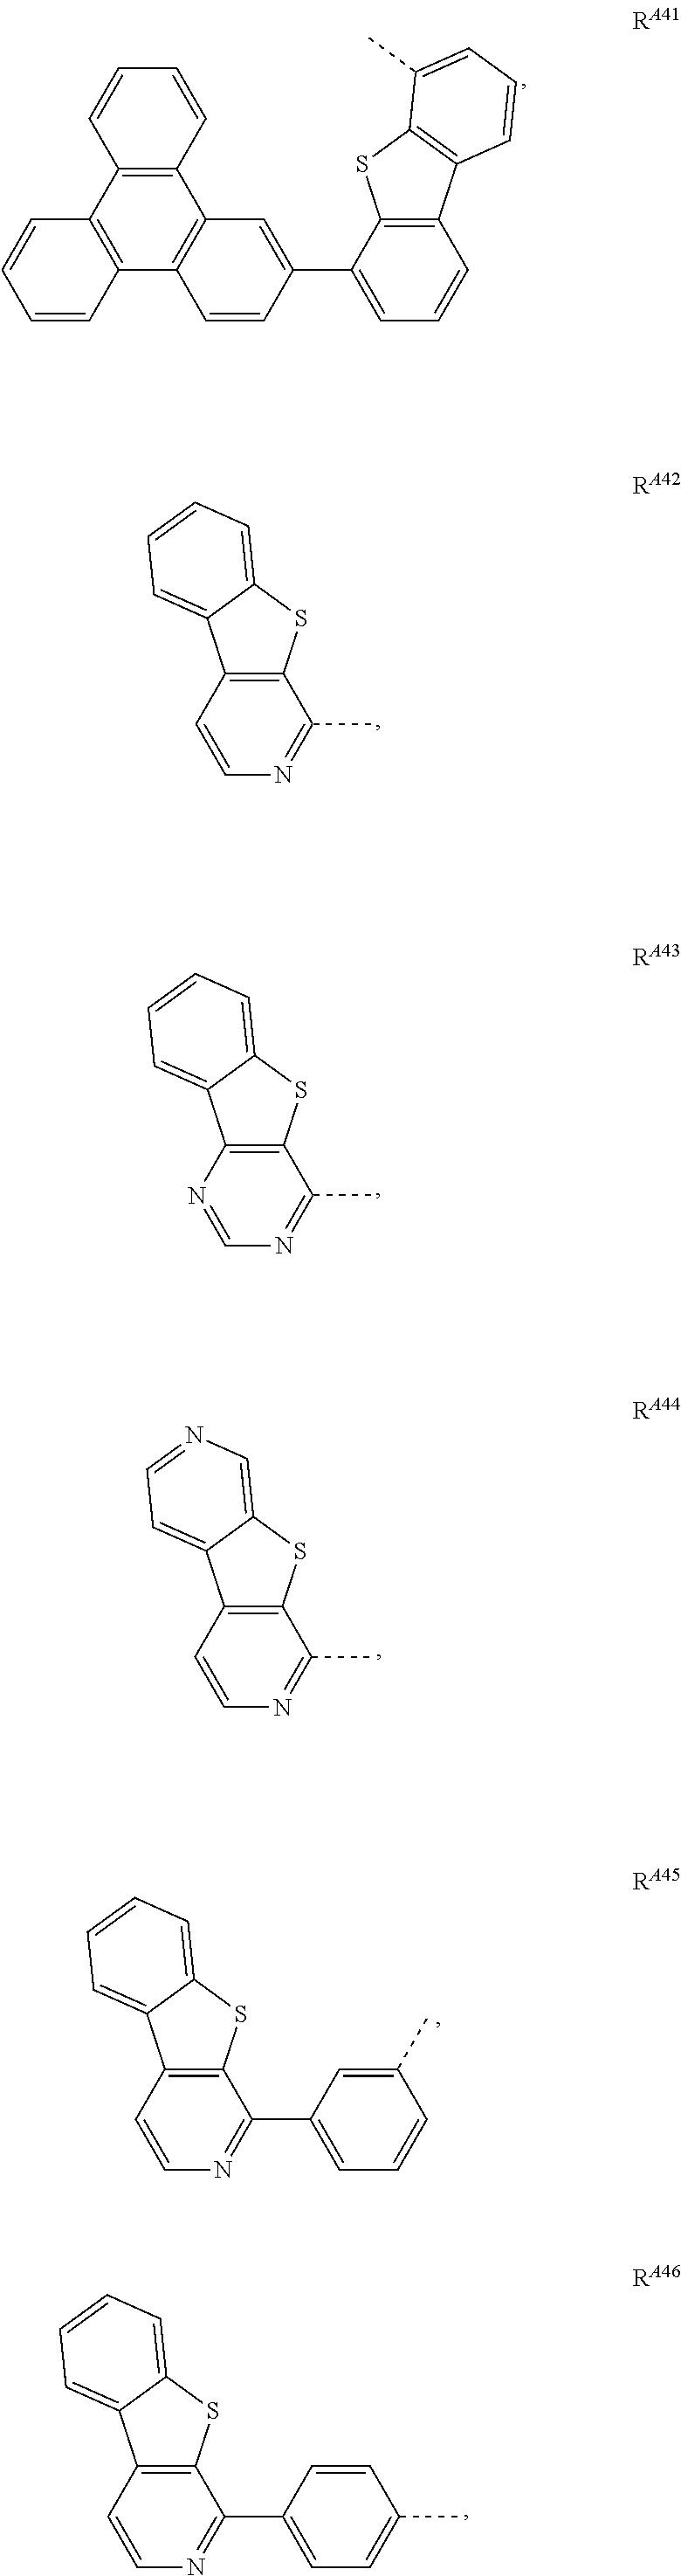 Figure US09761814-20170912-C00013